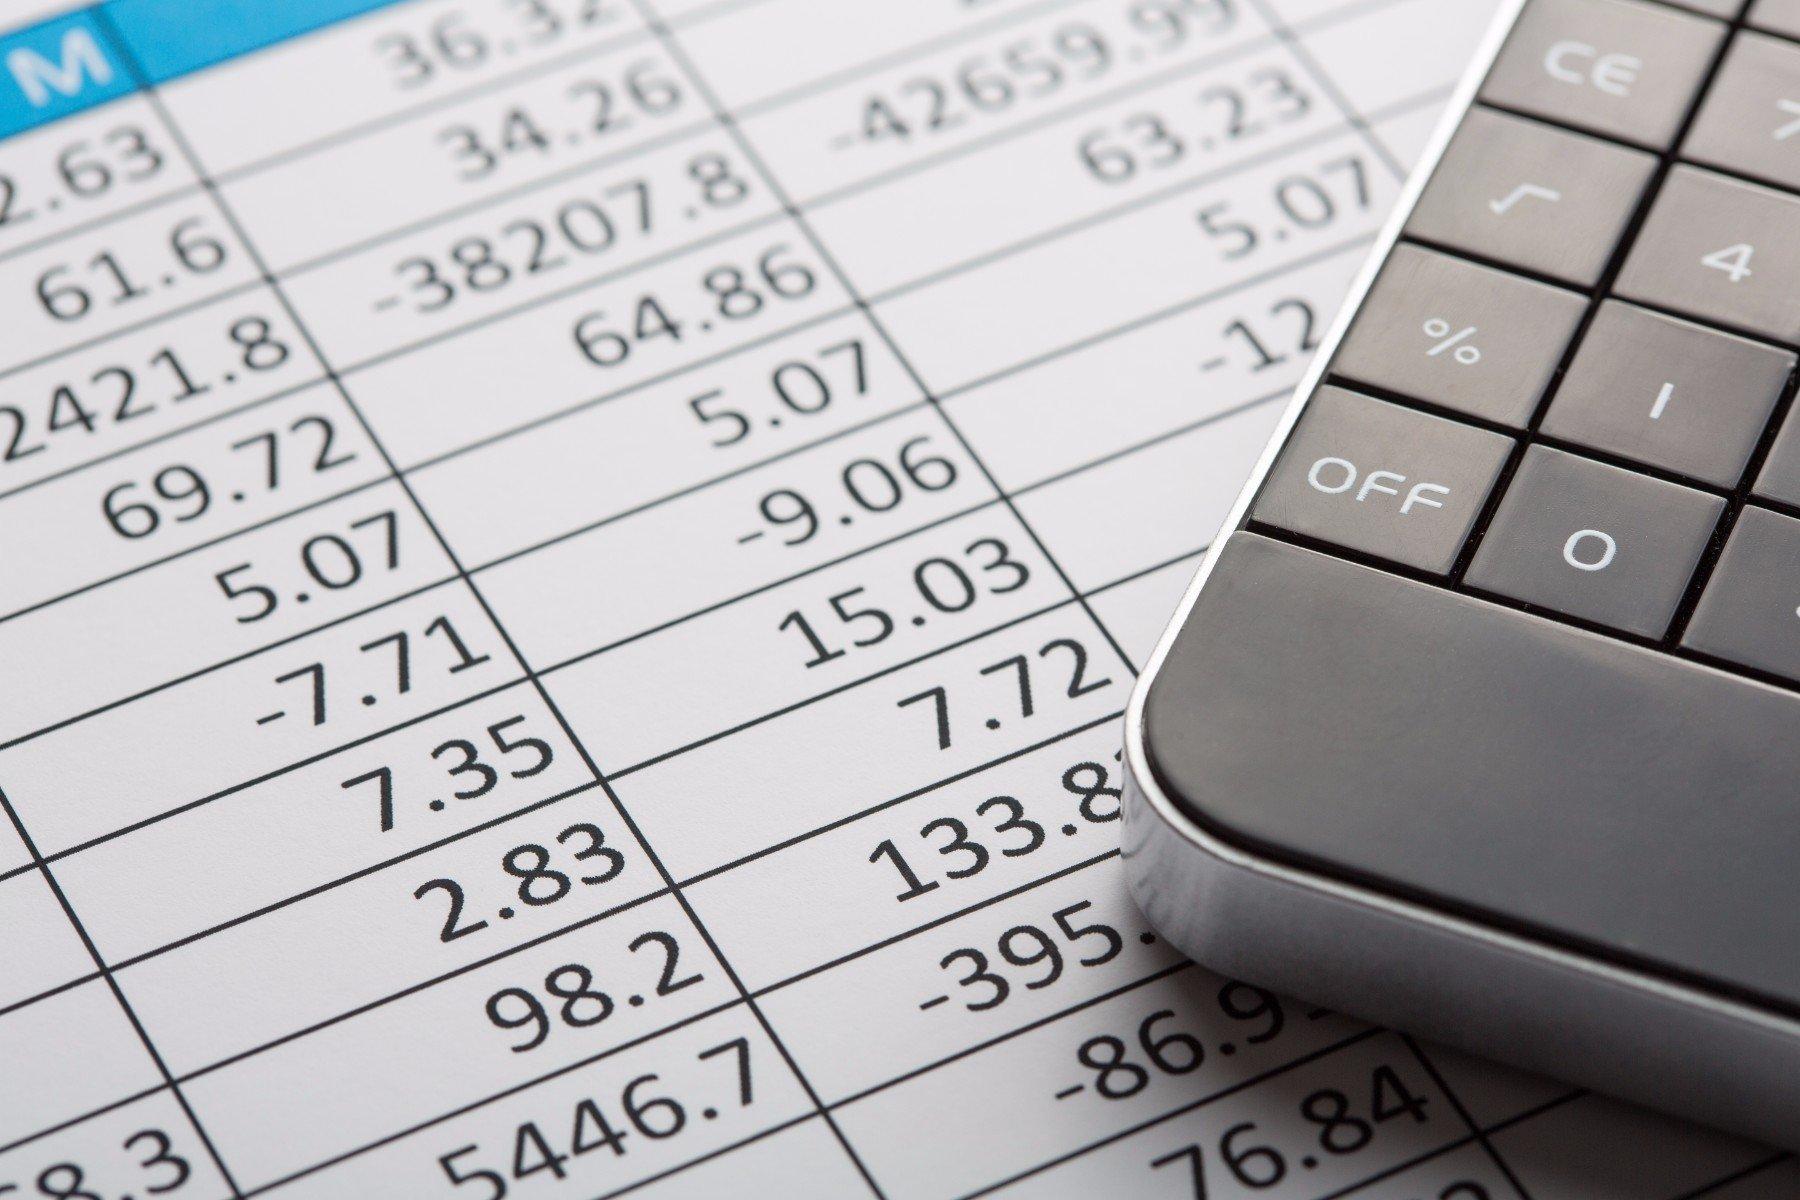 Tabella di risultati e calcolatrice